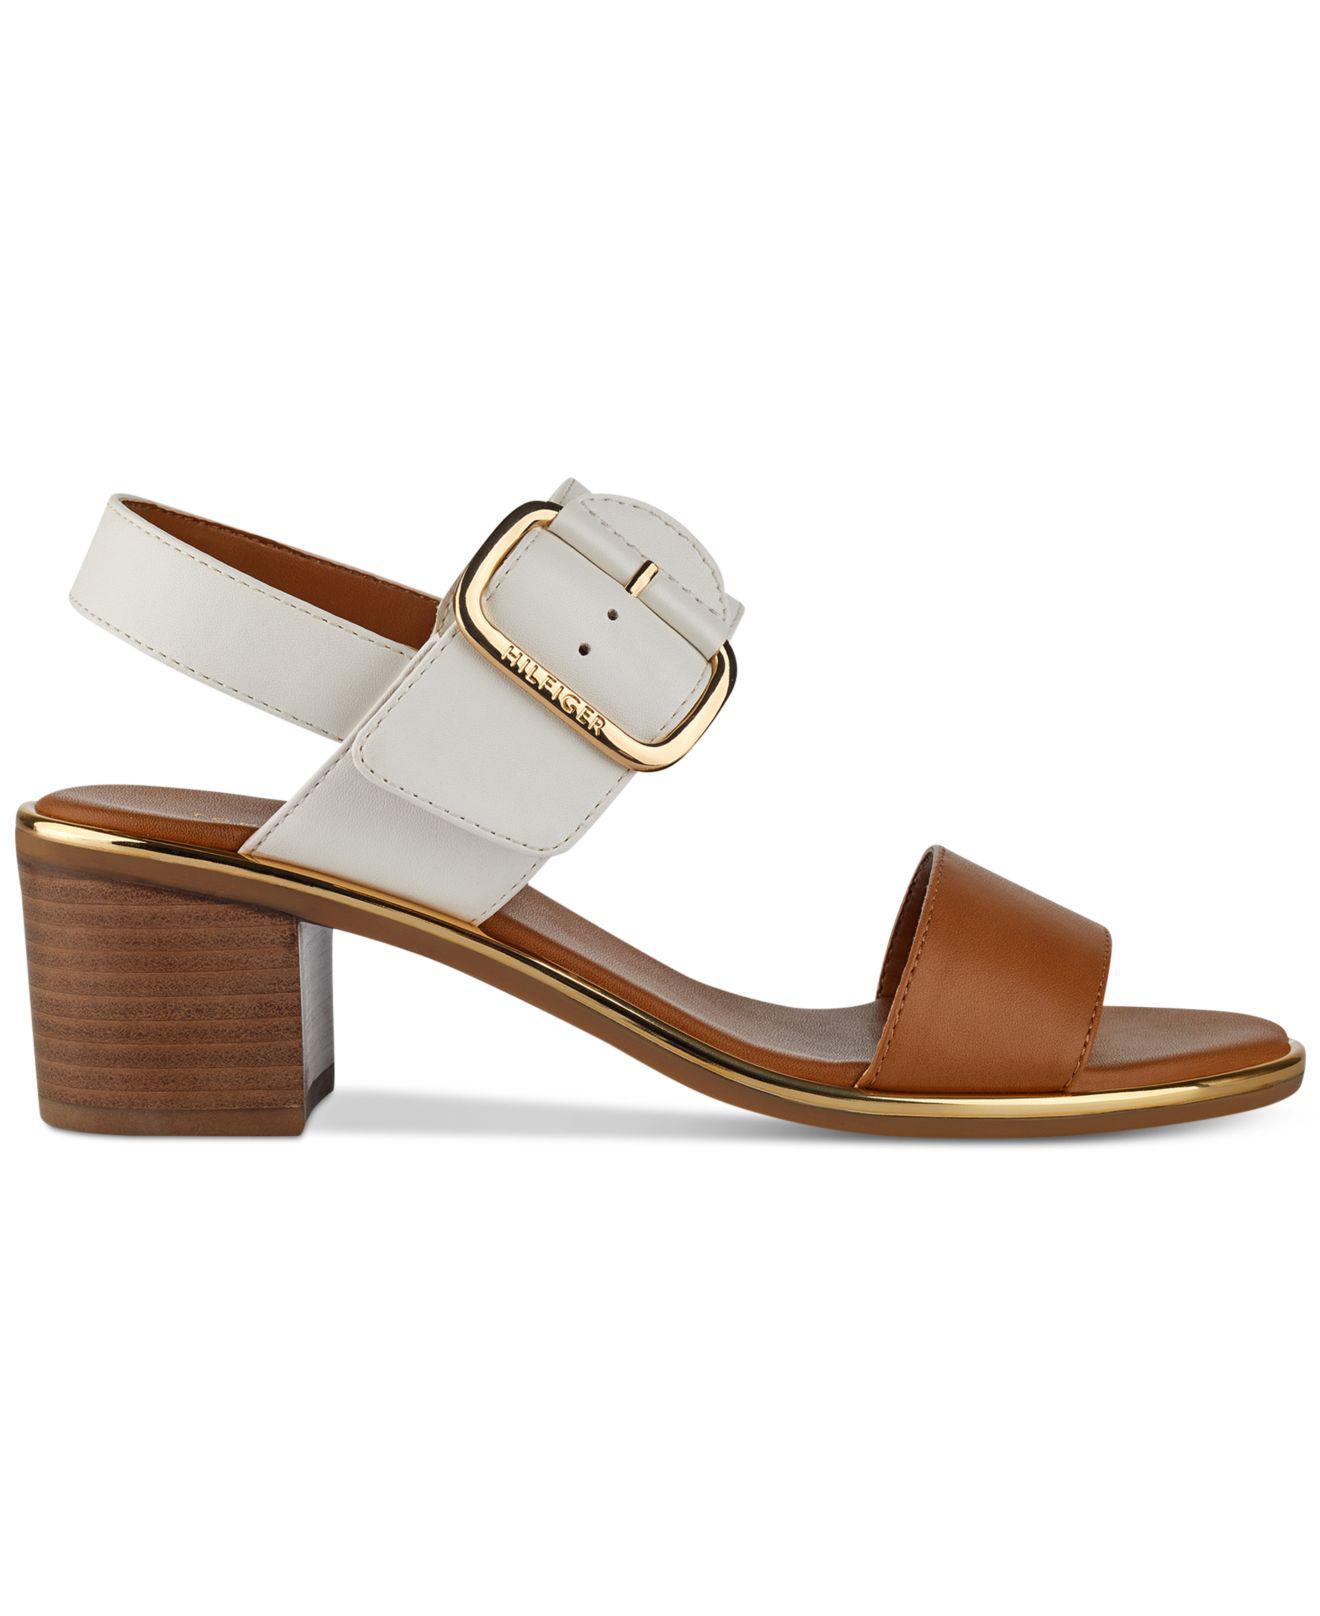 6b8f769fc26 Lyst - Tommy Hilfiger Katz Block-heel Dress Sandals in Brown